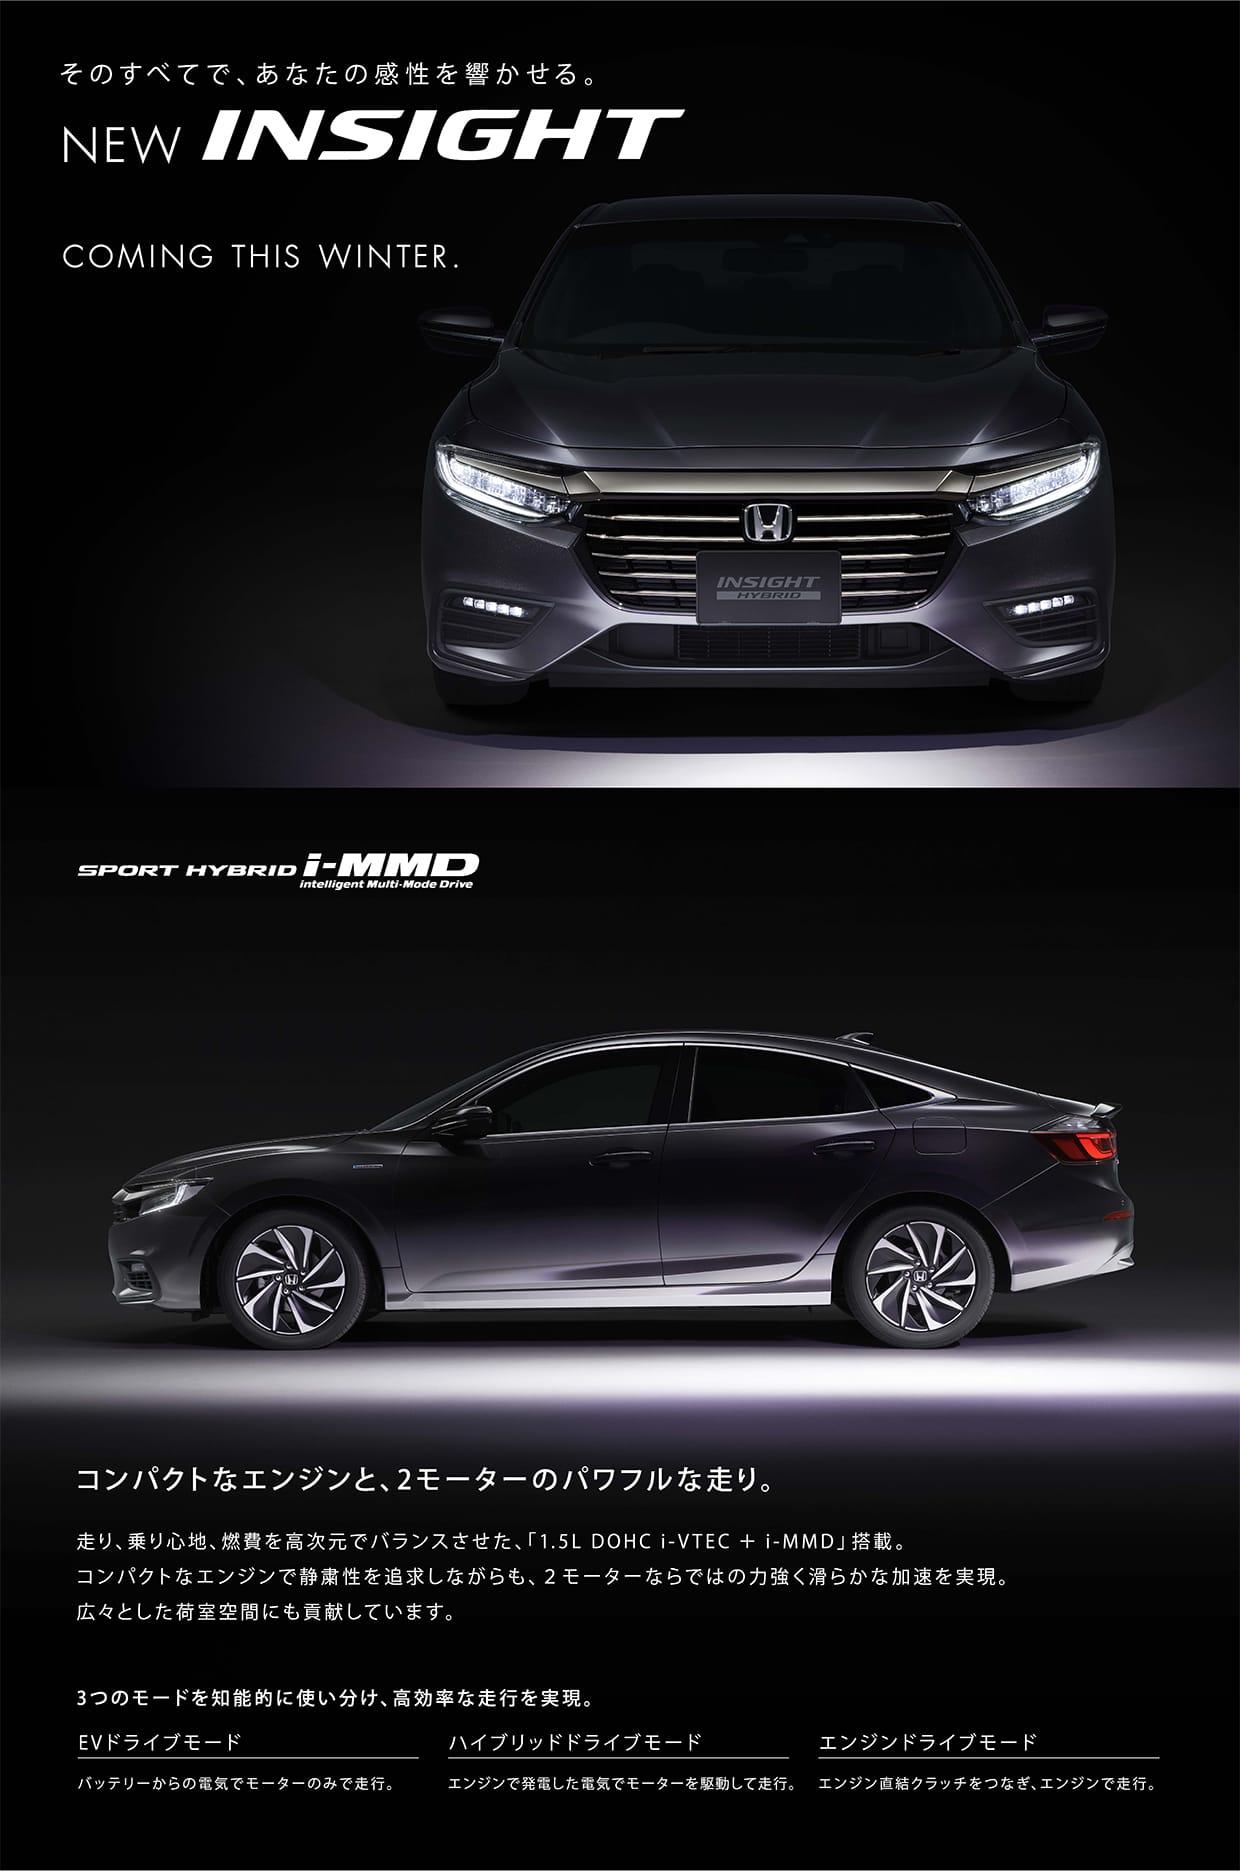 新型「INSIGHT」を日本で2018年冬に発売〜ホームページで先行公開